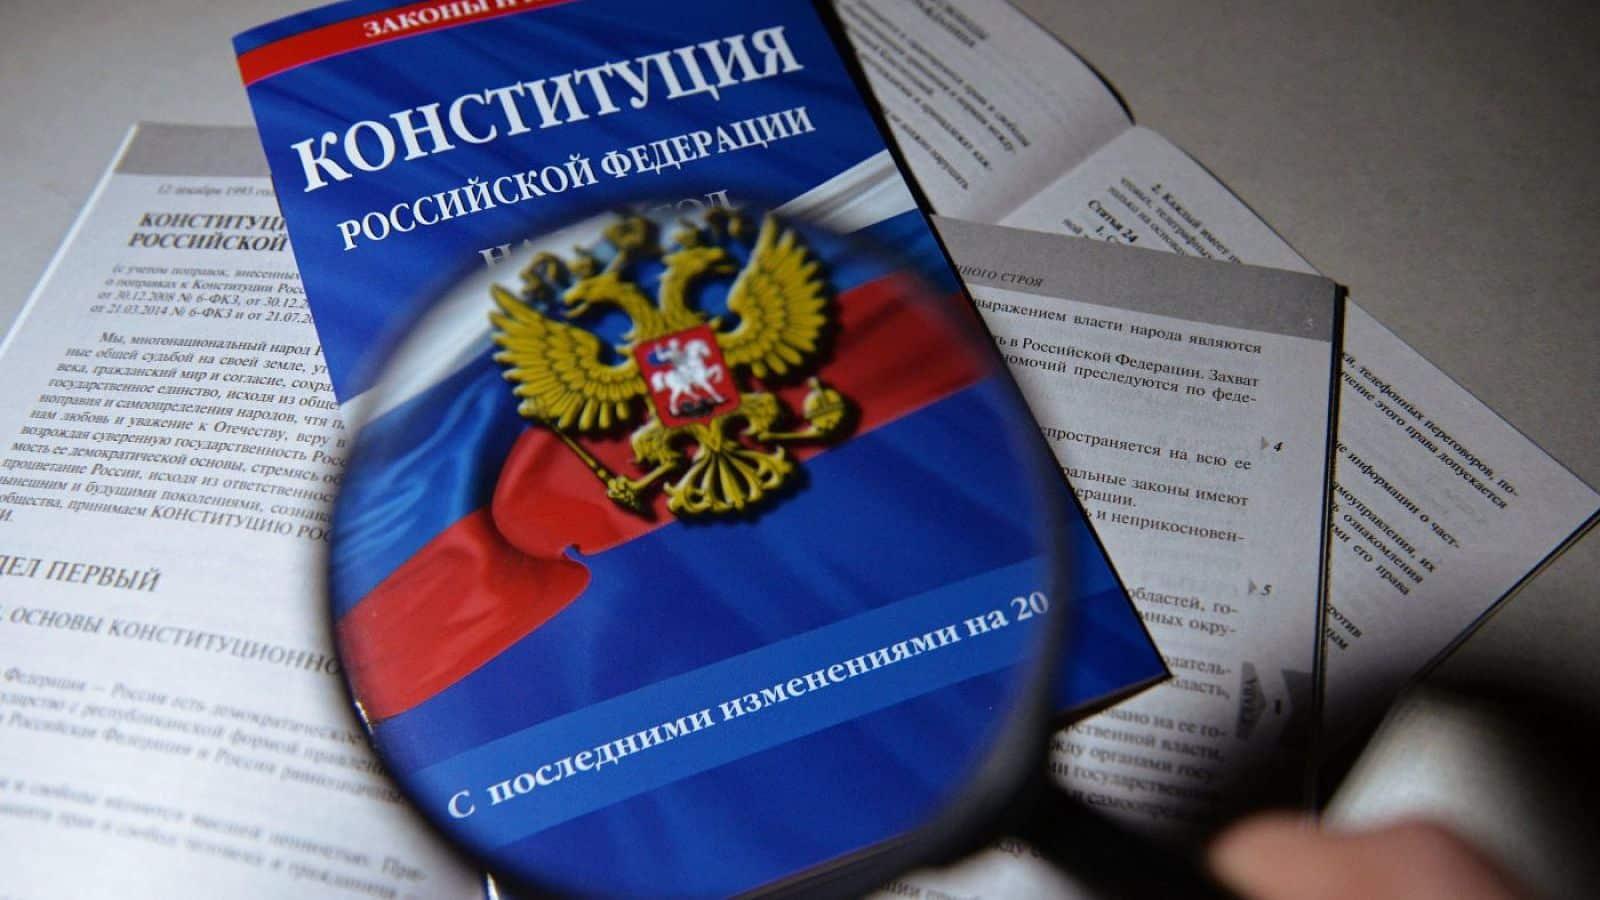 О нововведениях для работающих пенсионеров после внесения поправок в Конституцию России, рассказали эксперты